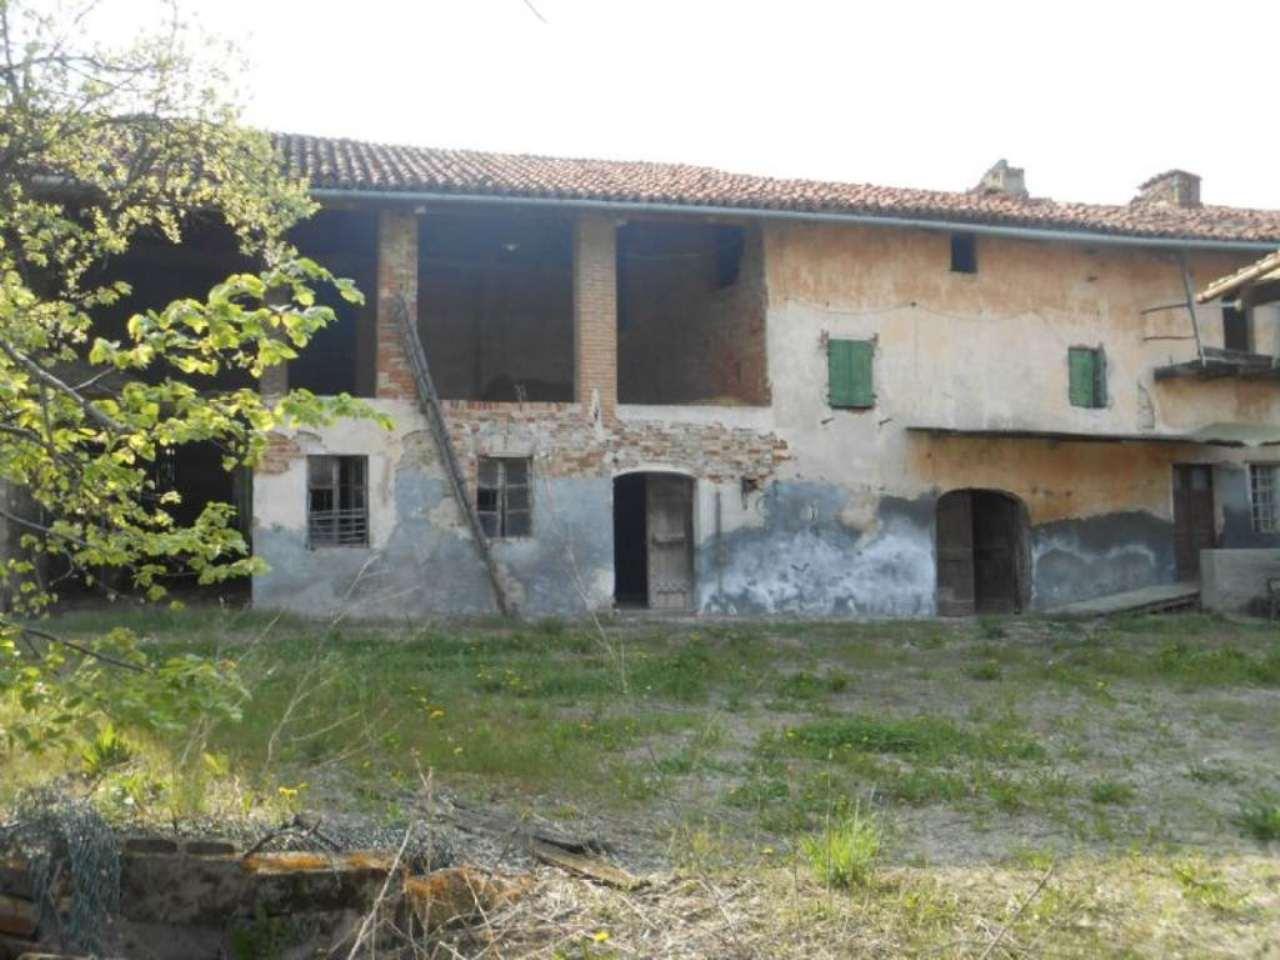 Rustico / Casale in vendita a Moncucco Torinese, 6 locali, prezzo € 95.000 | Cambio Casa.it